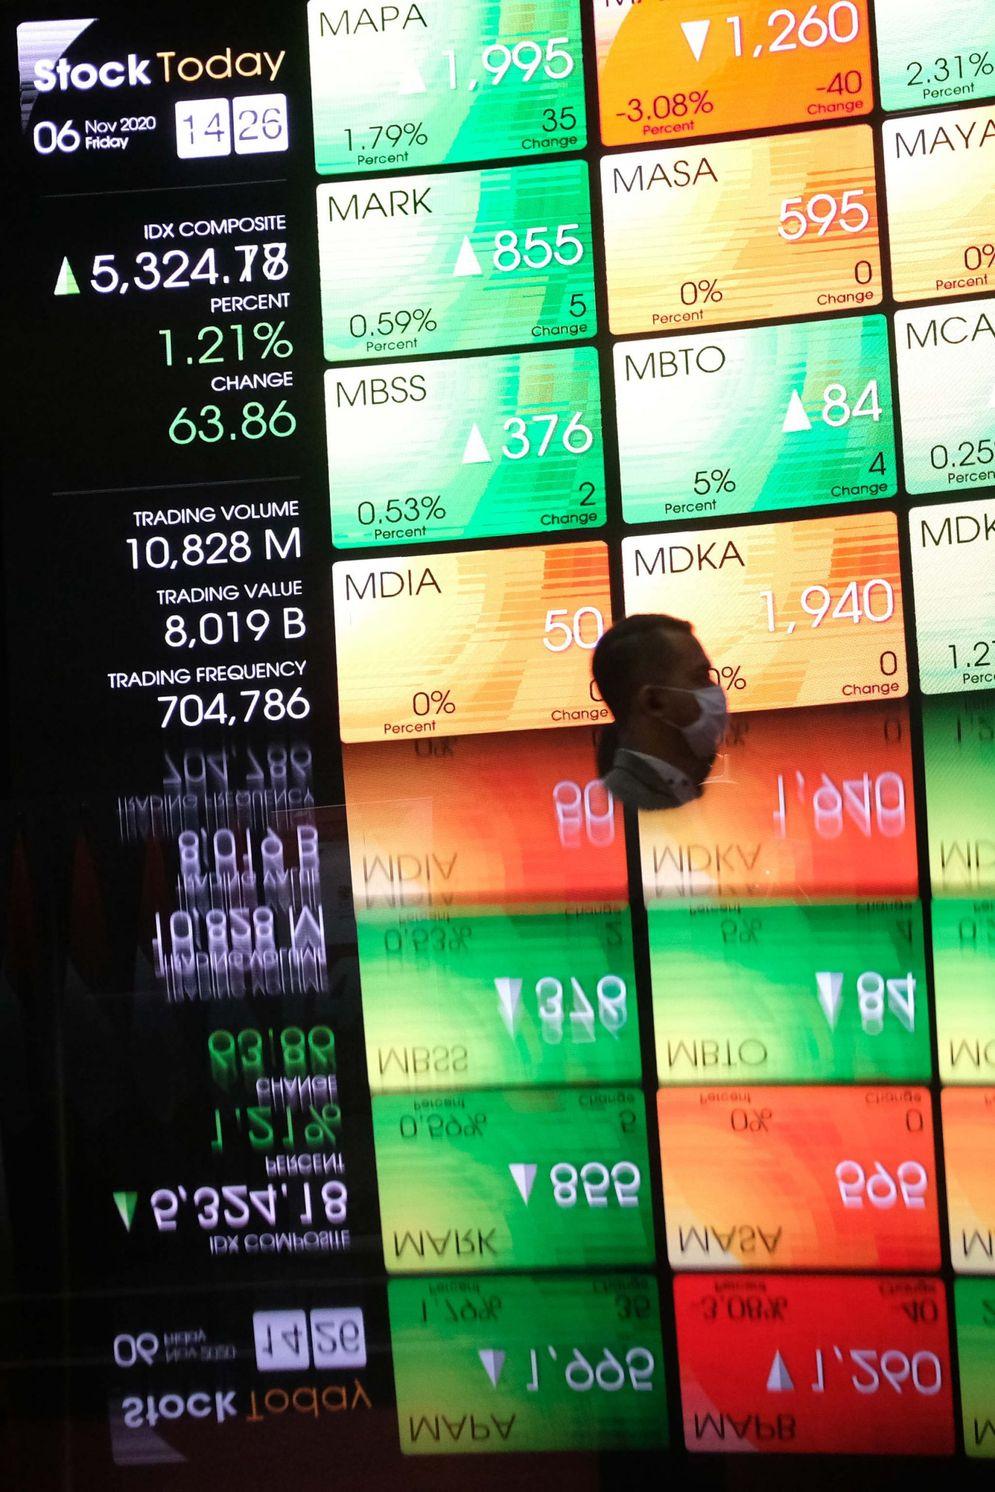 Awak media melakukan peliputan dengan latar belakang layar pergerakan indeks harga saham gabungan (IHSG) di gedung Bursa Efek Indonesia (BEI), Jakarta, Jum'at, 6 November 2020. Foto: Ismail Pohan/TrenAsia\n